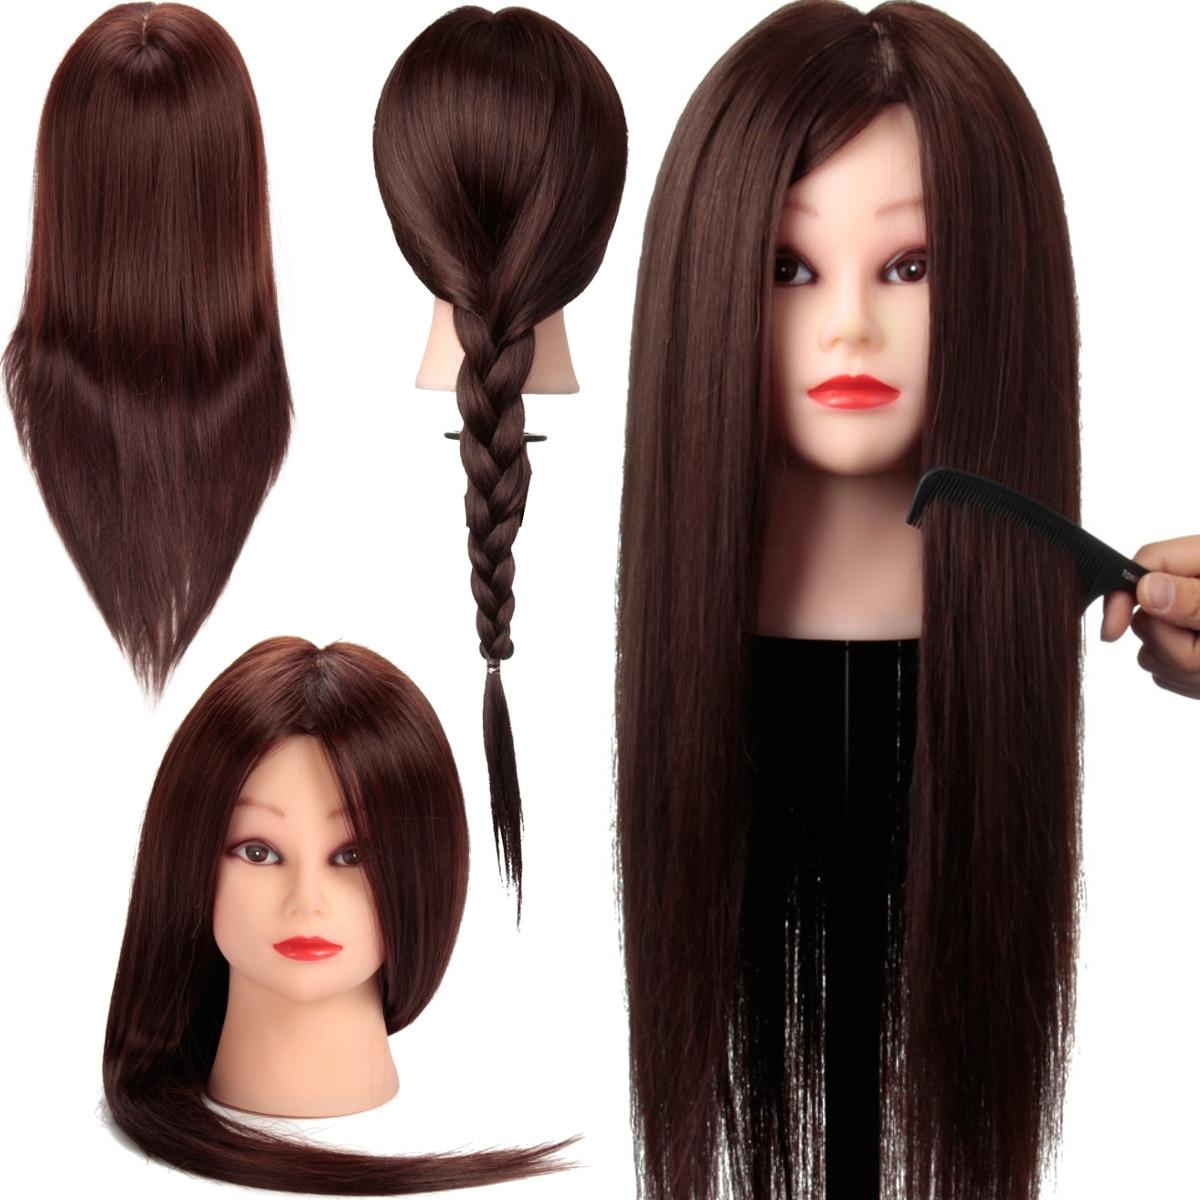 24 fibres marron cheveux formation tête Mannequin tête belle femme poupée coiffure tête cheveux Mannequin Mannequin tête coiffure